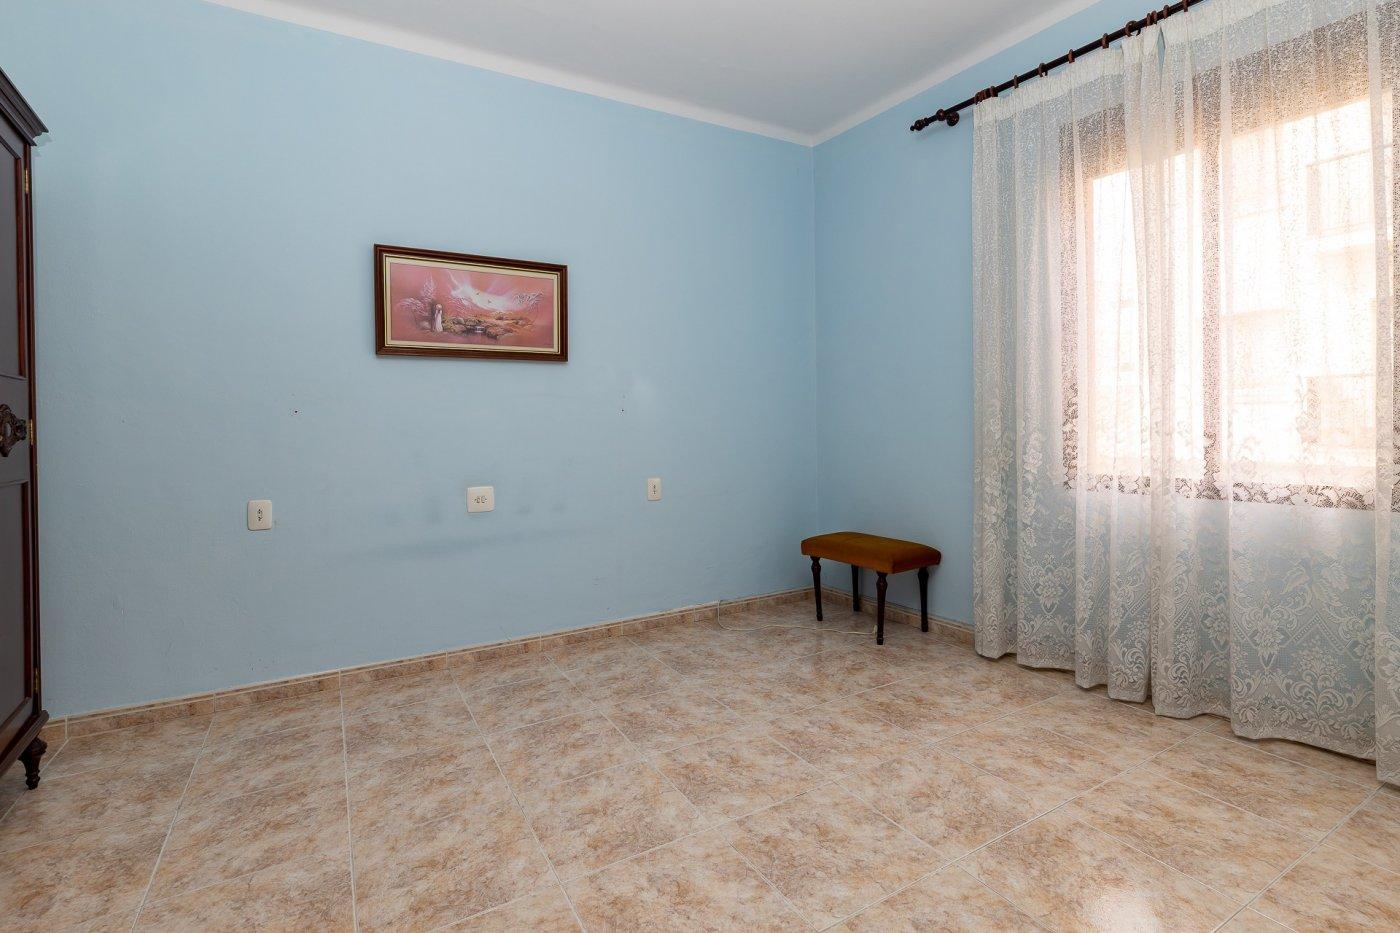 Primer piso de 107 m² de superficie en buen estado en la zona de camp redó, palma de mallo - imagenInmueble10